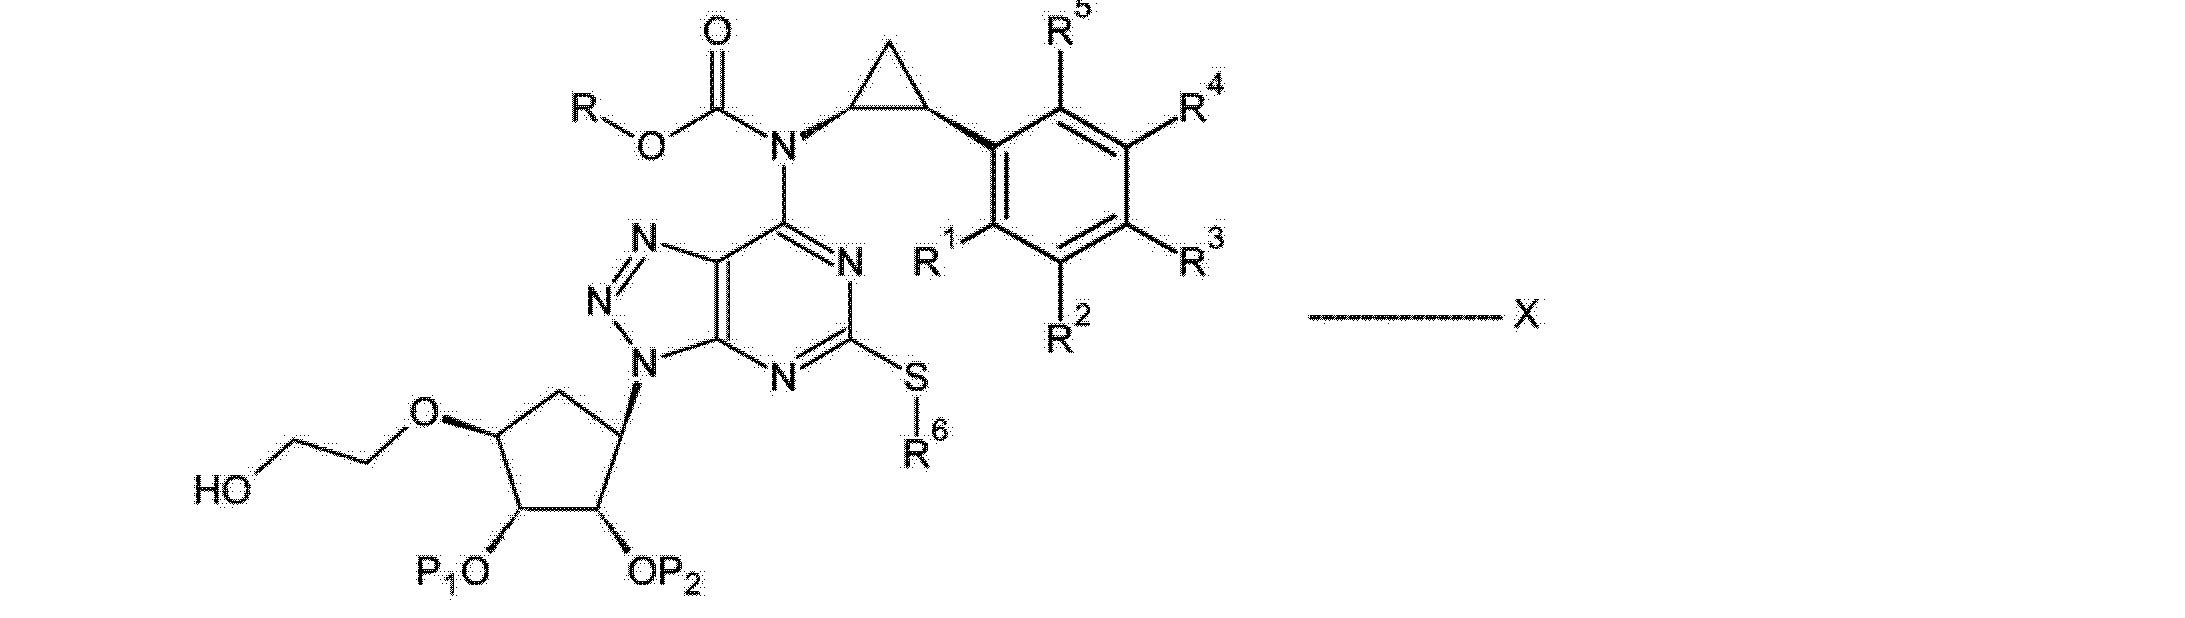 Figure CN103429576AC00072